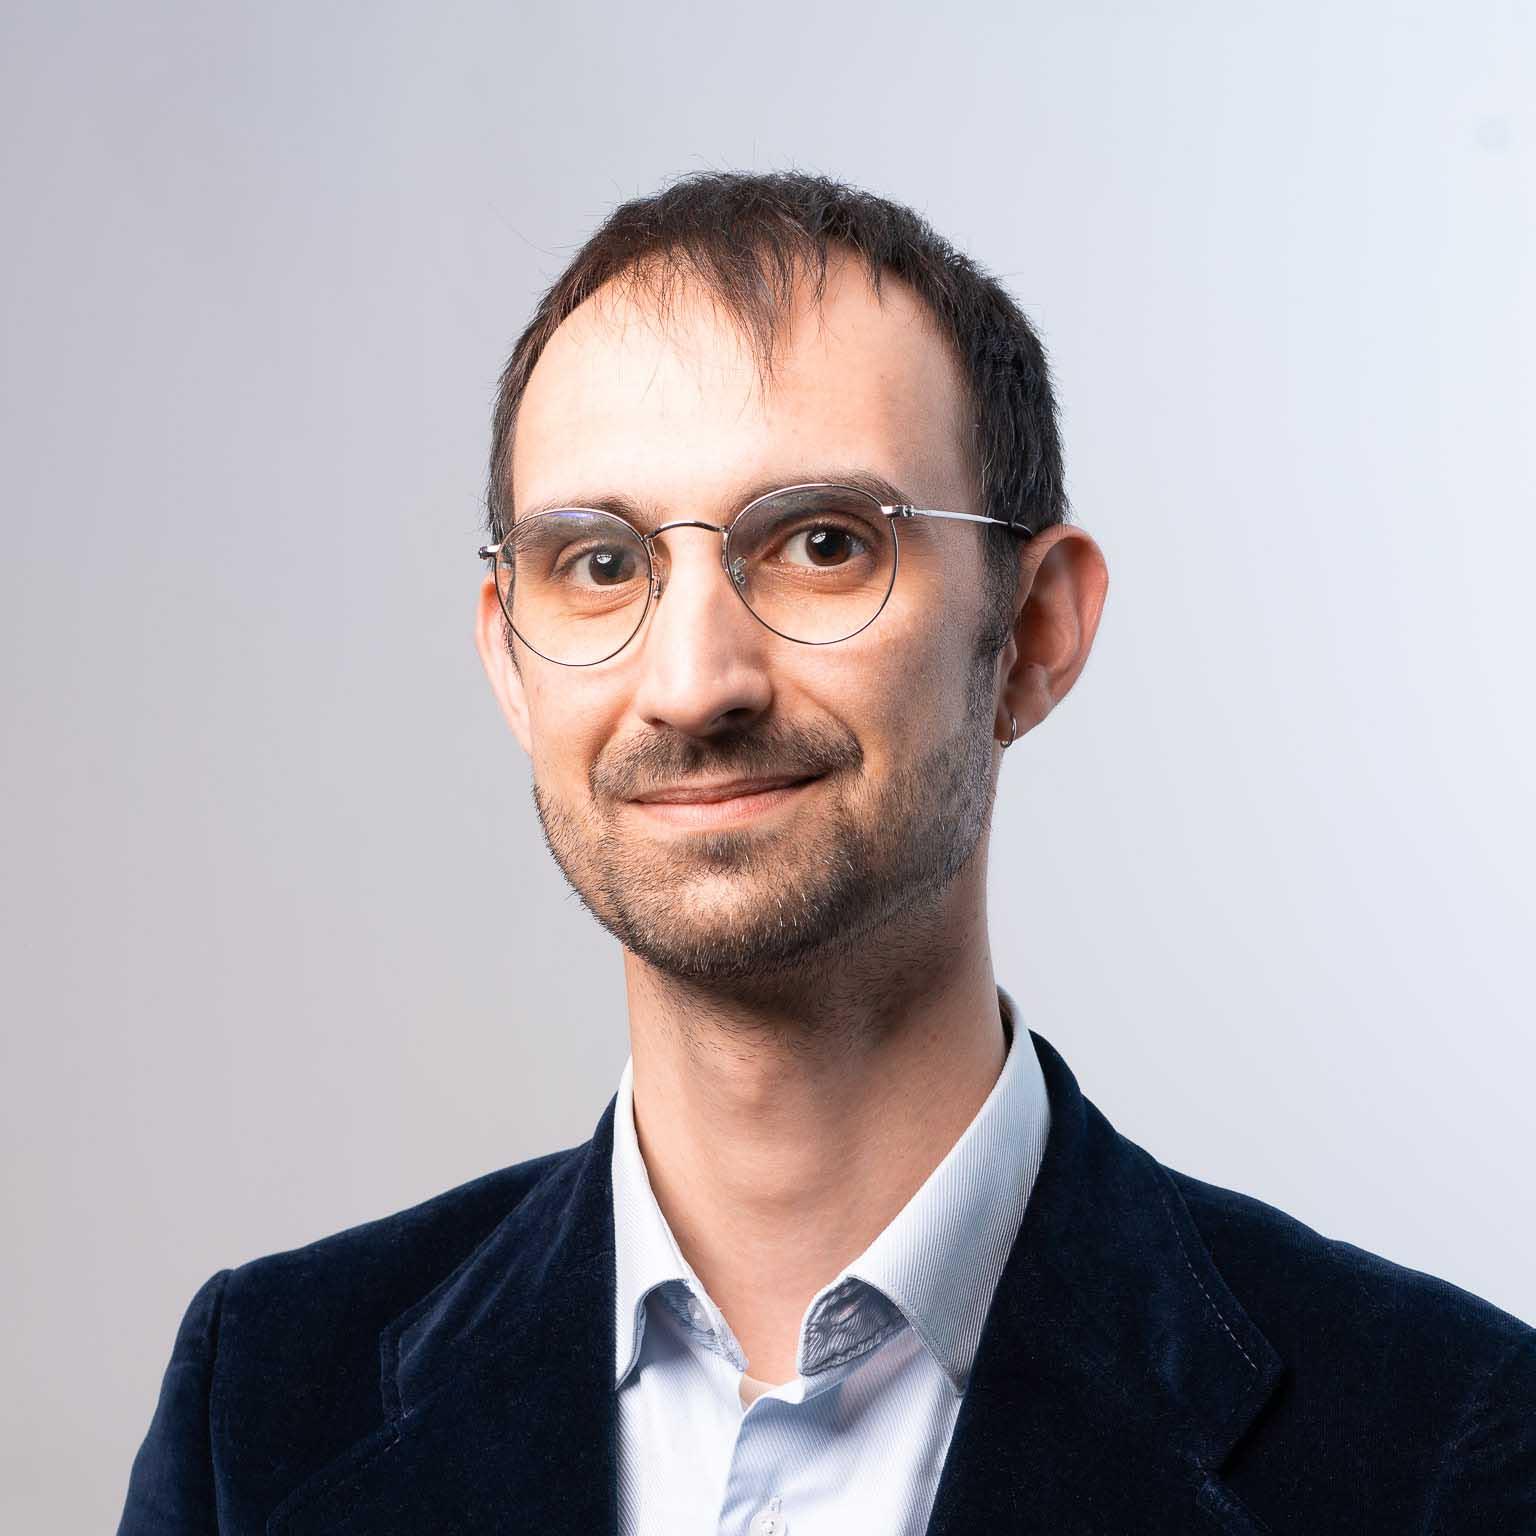 Matthieu Judek